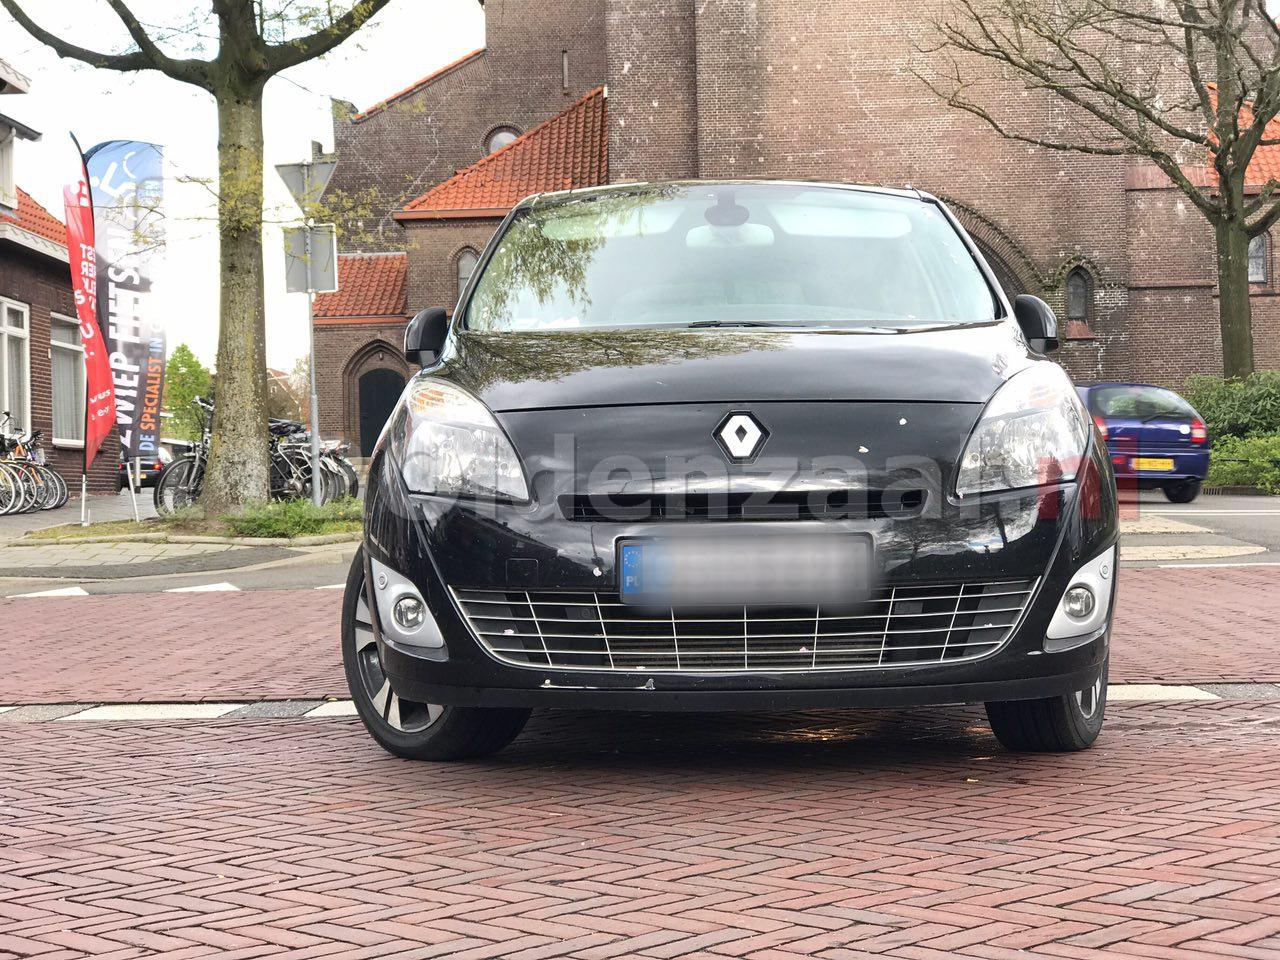 Foto 2: Aanrijding tussen brommer en auto Ootmarsumsestraat Oldenzaal